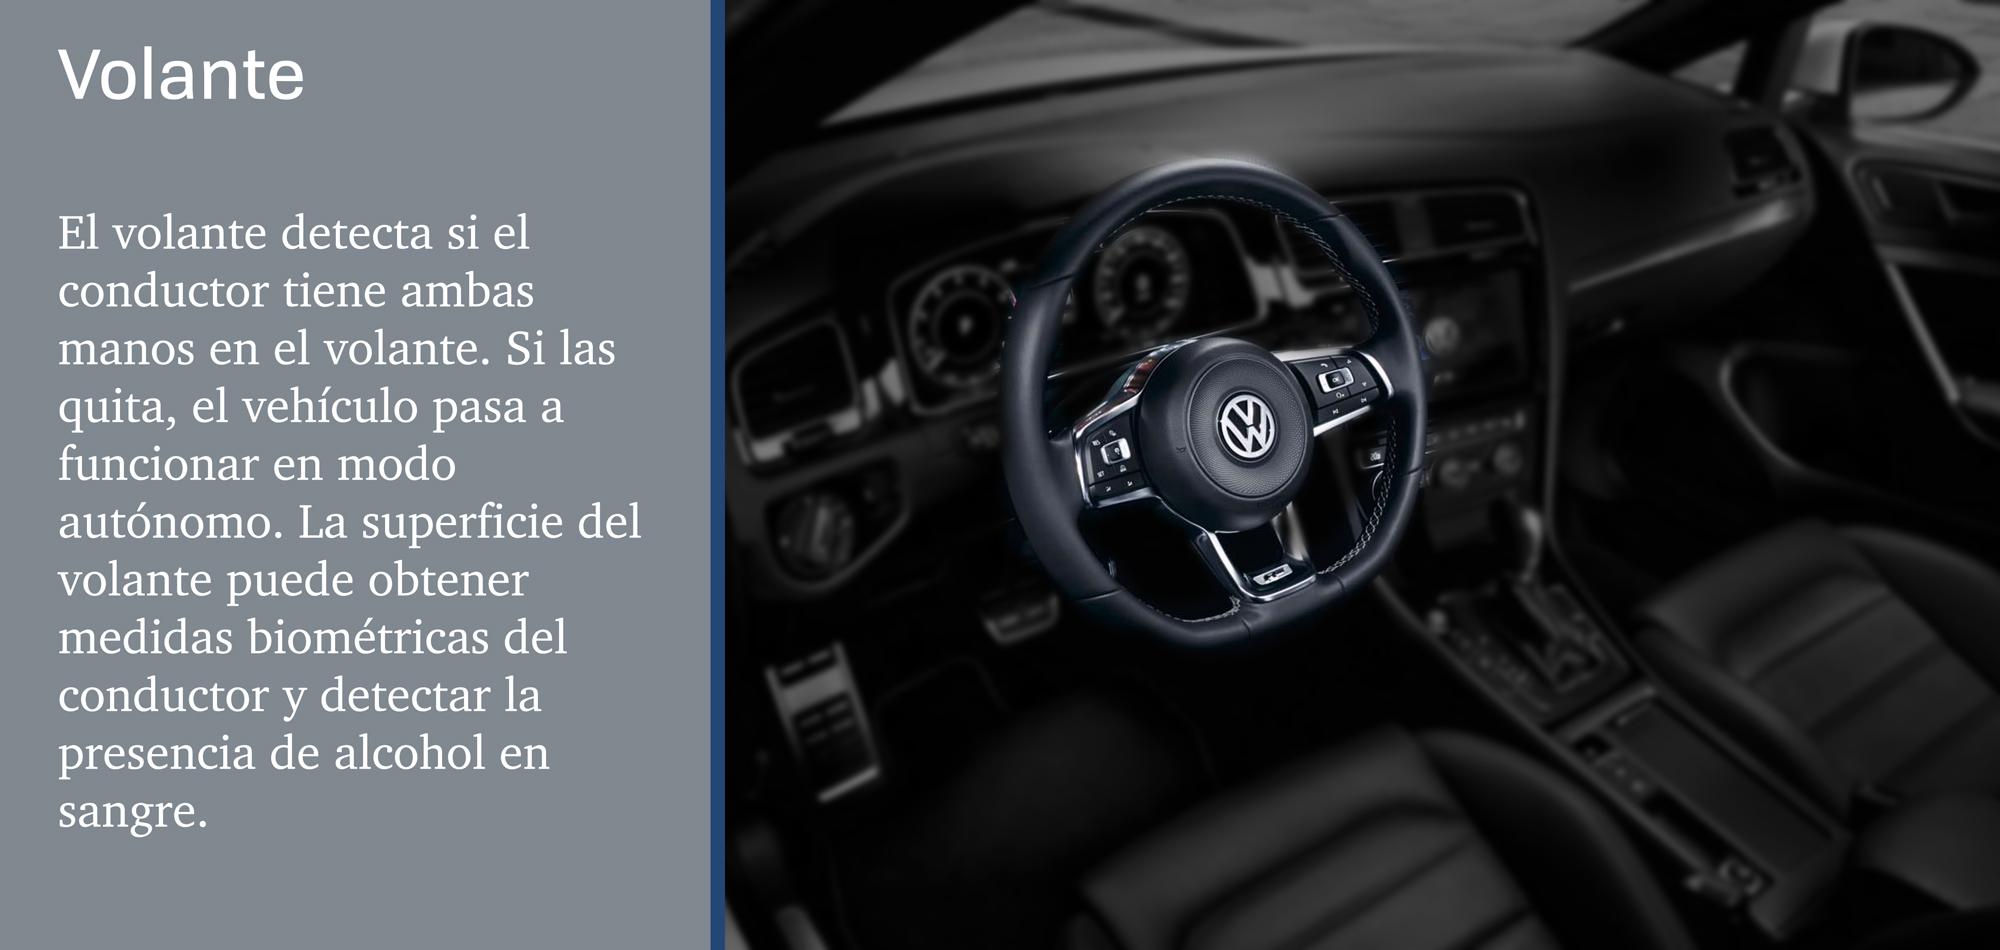 volante2